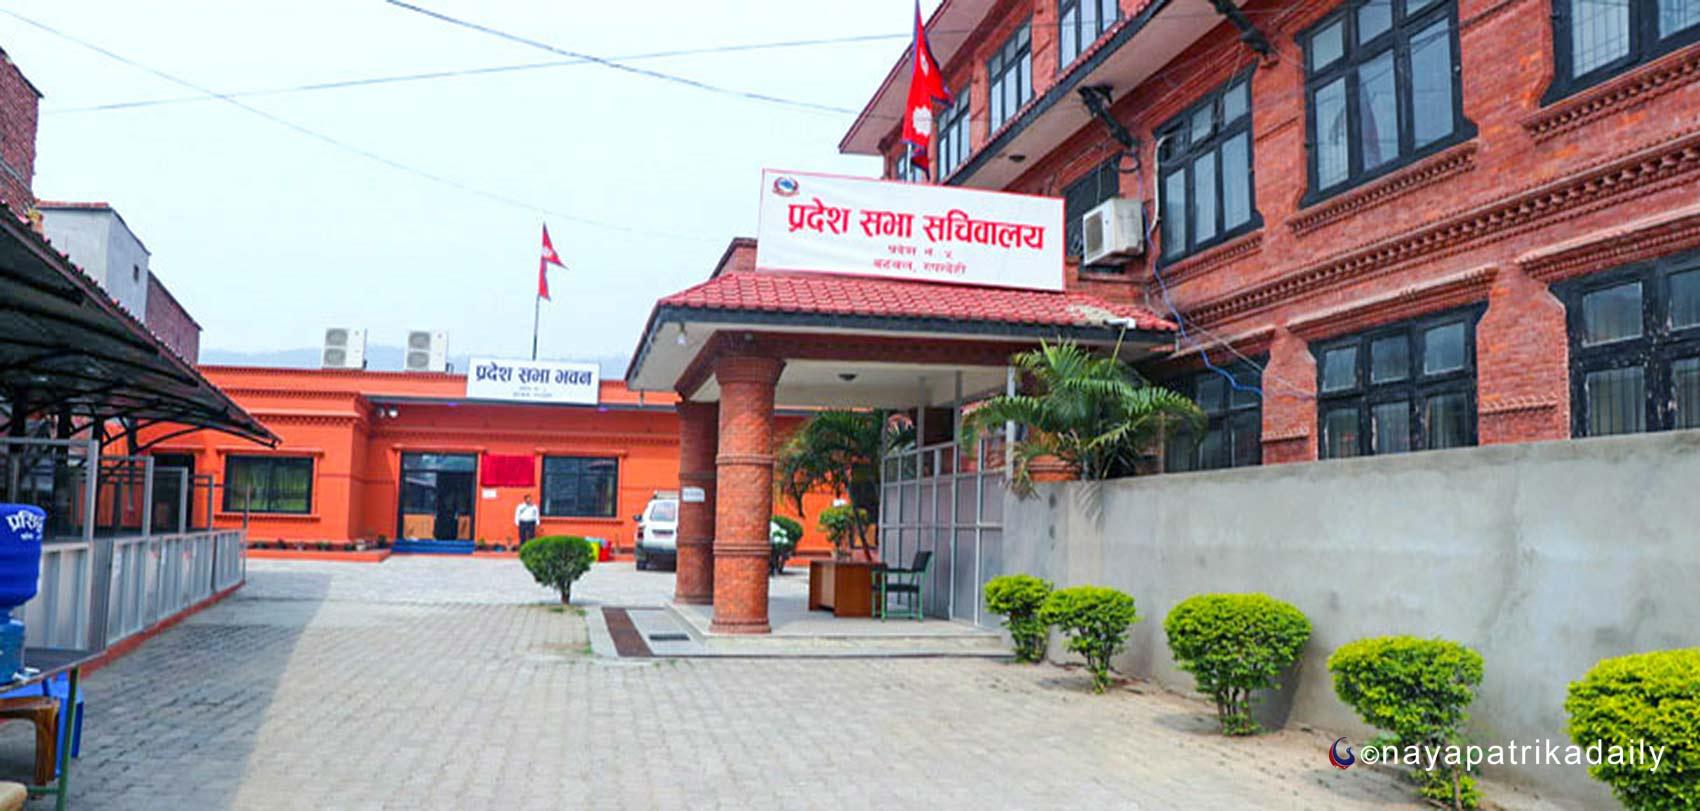 पुर्बाधार नबनेसम्म लुम्बिनी प्रदेशको प्रशासनिक काम बुटवलबाटै हुने, हिउँदे र बर्षे अधिबेसनपनि बुटवलमै हुने